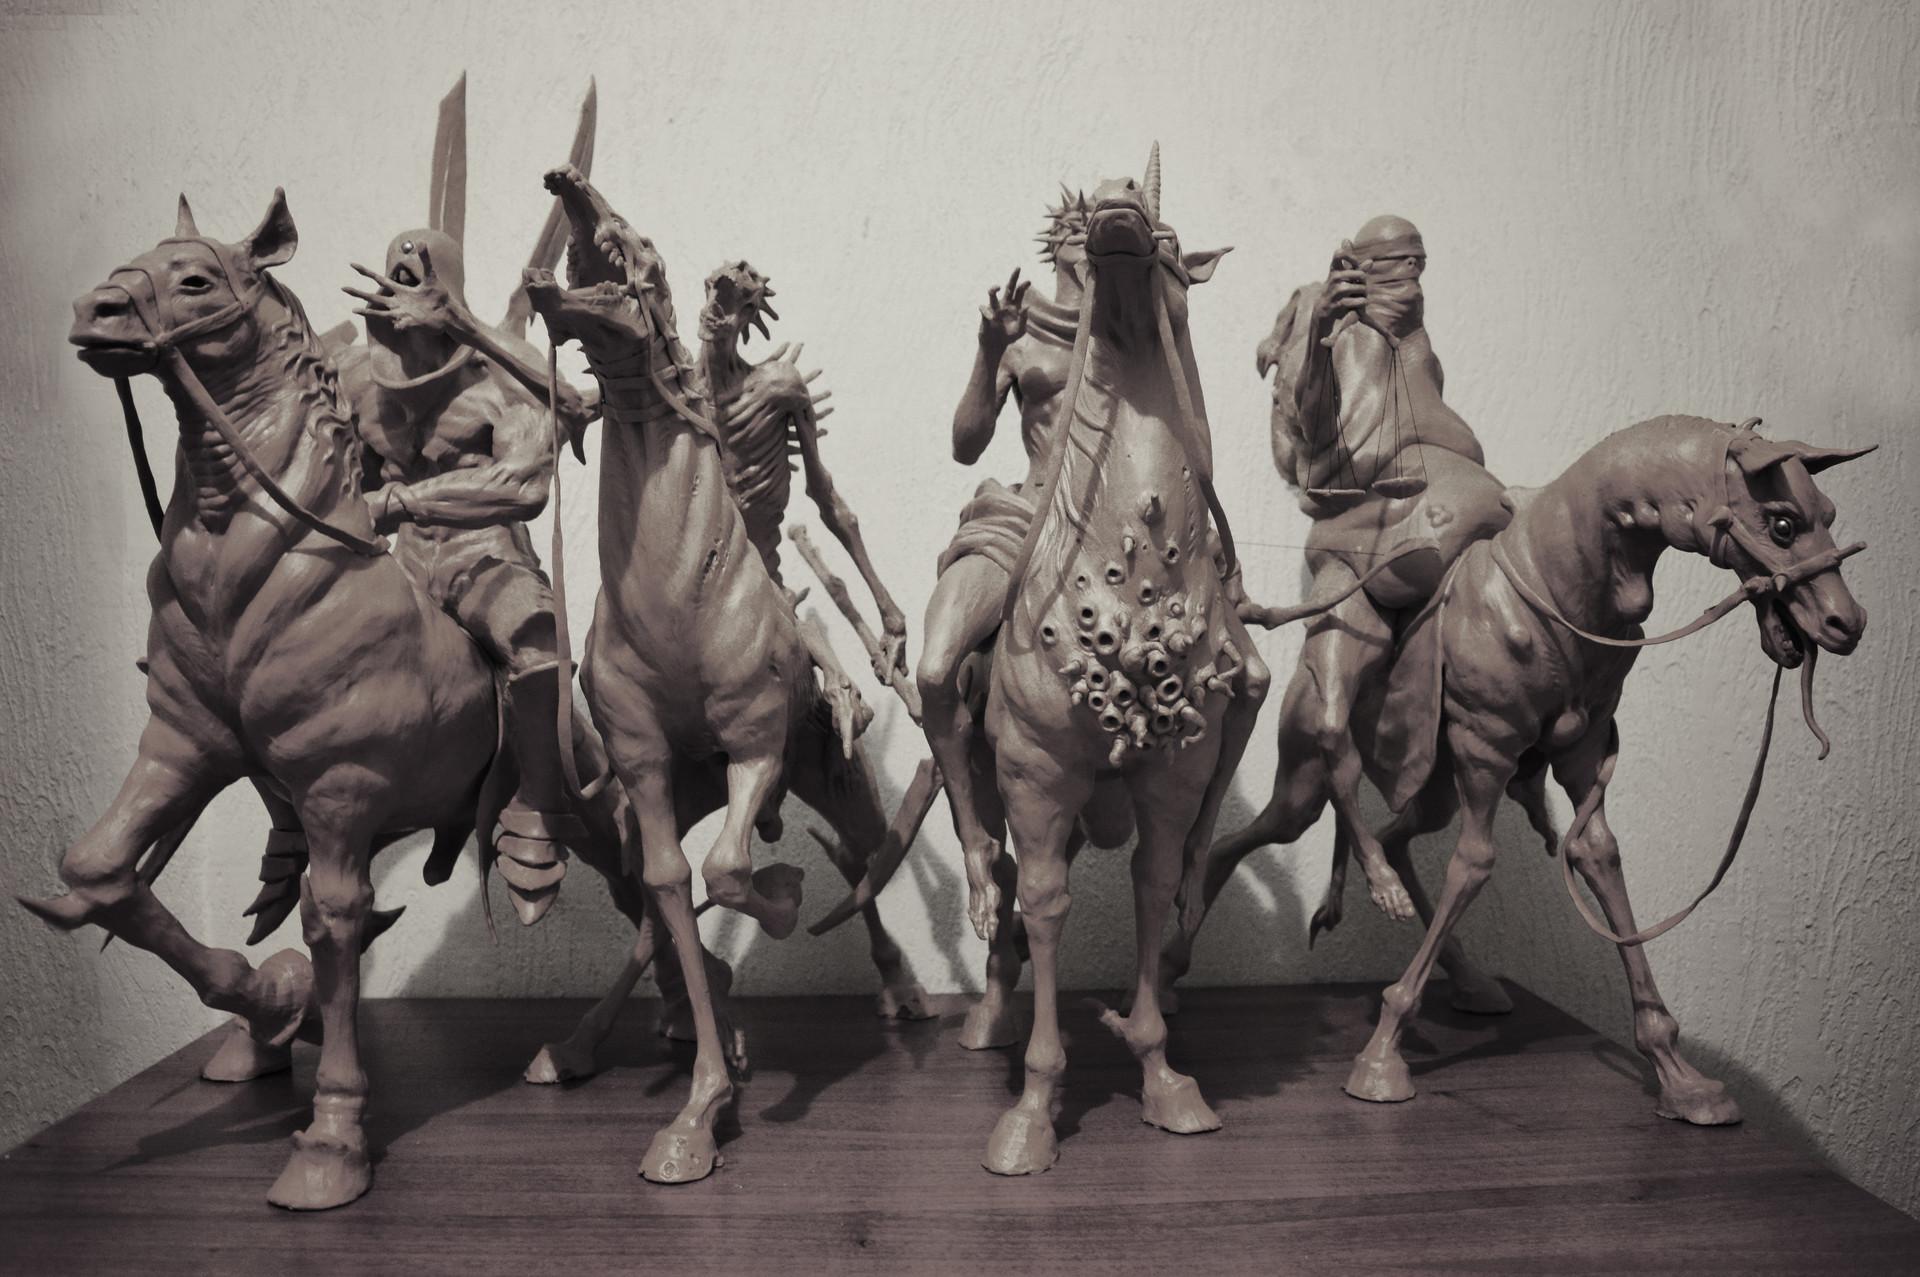 Four Horsemen wallpapers, Movie, HQ Four Horsemen pictures